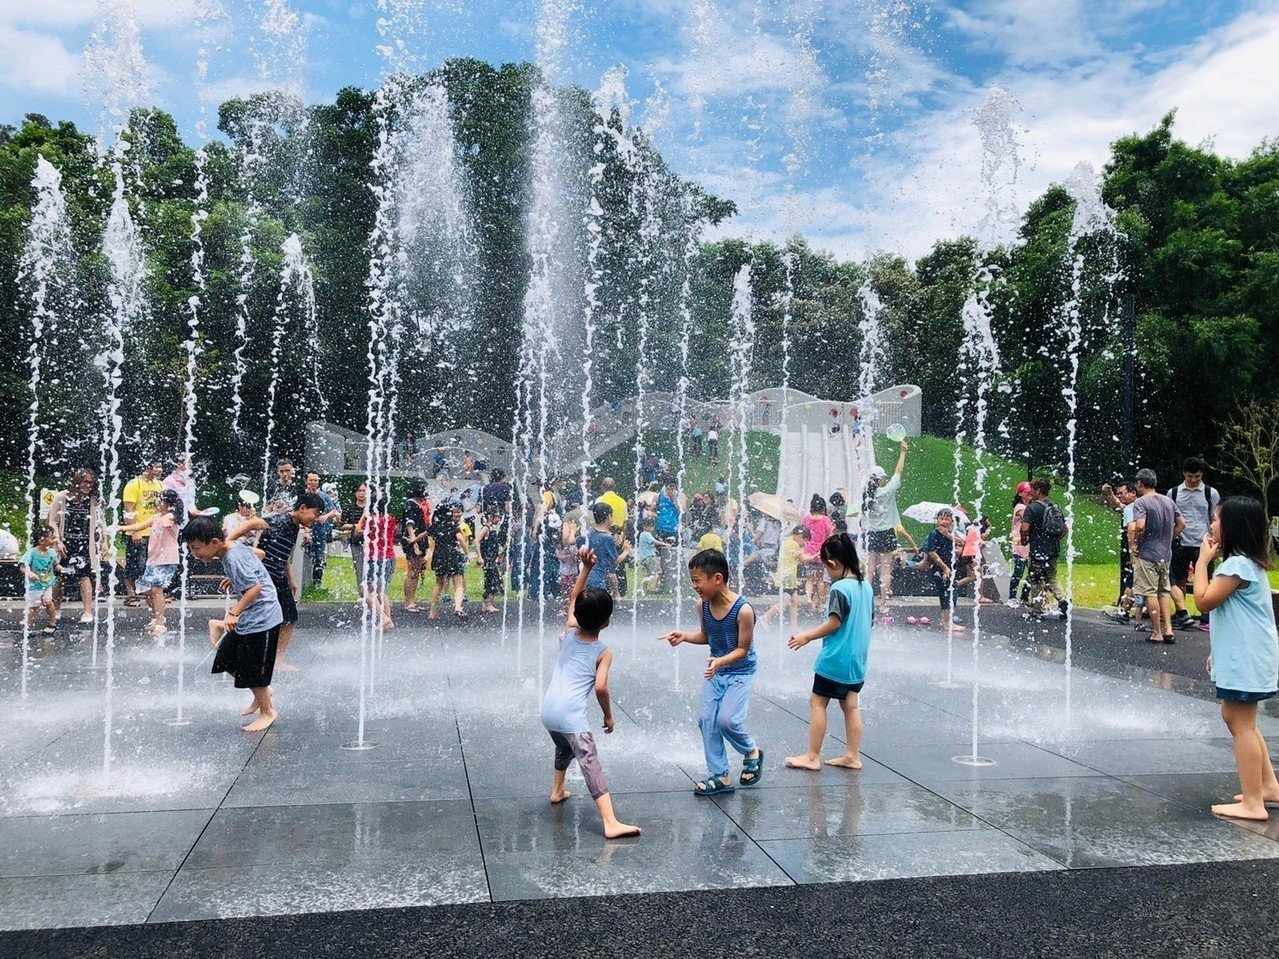 土城斬龍山遺址文化公園提供大小朋友玩樂的戲水噴泉。圖/新北市文化局提供